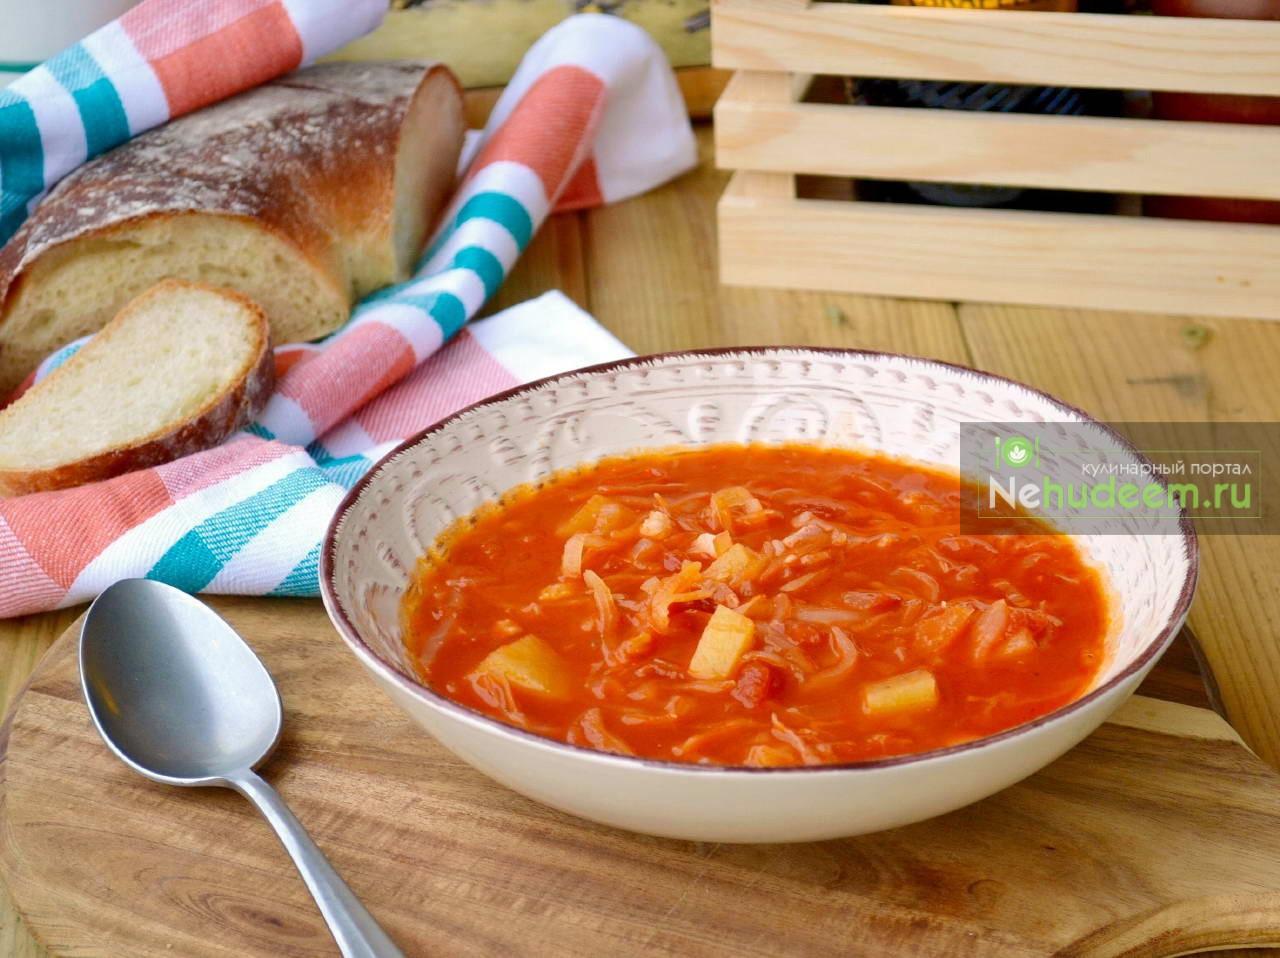 Ирландский капустный суп с беконом